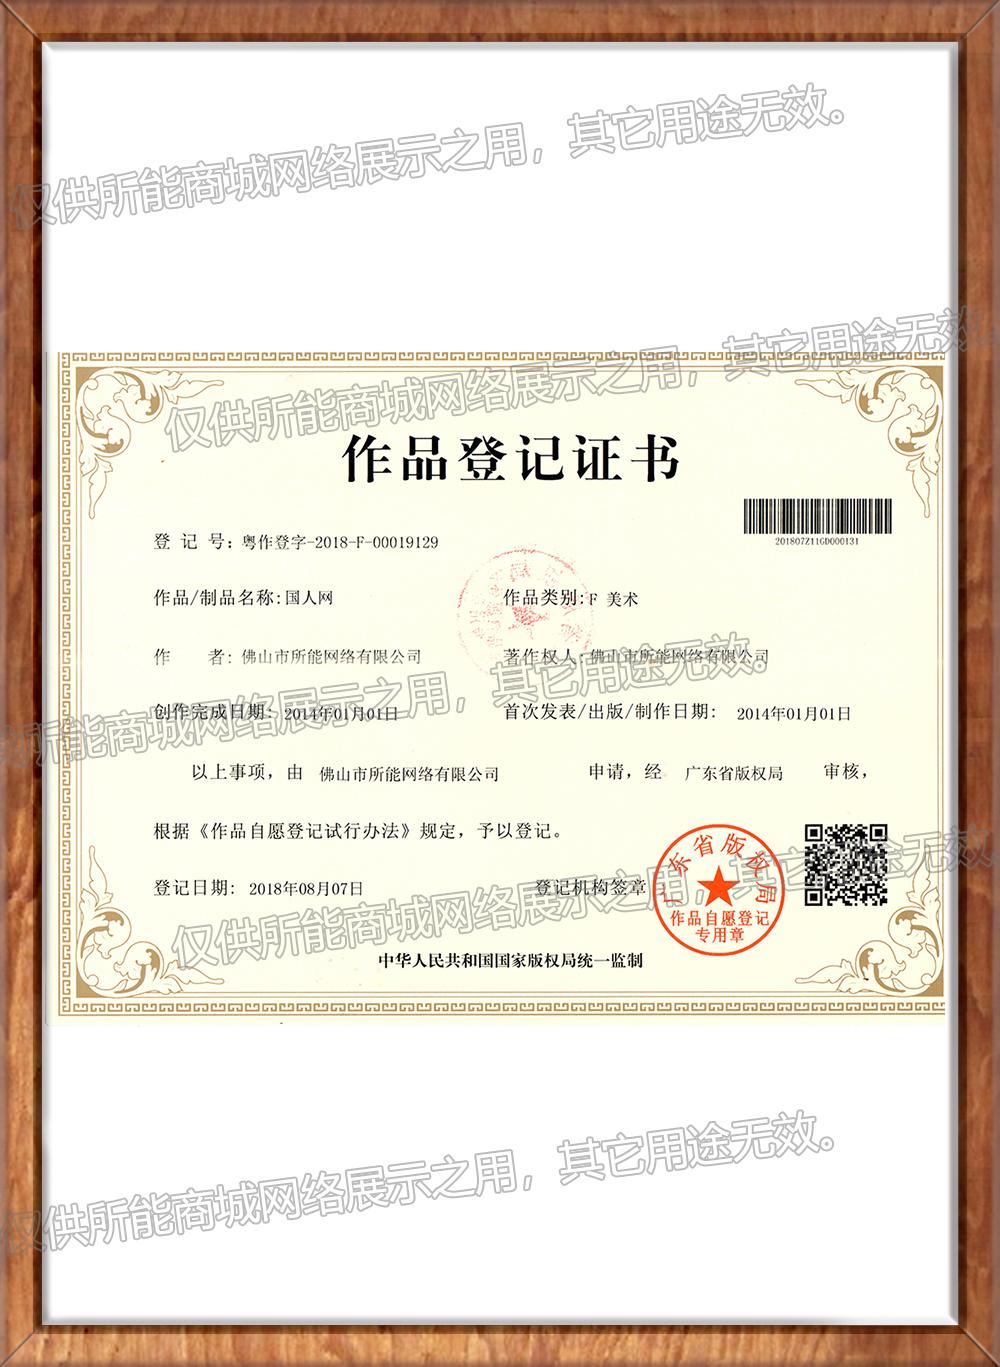 《国人网》作品登记证书